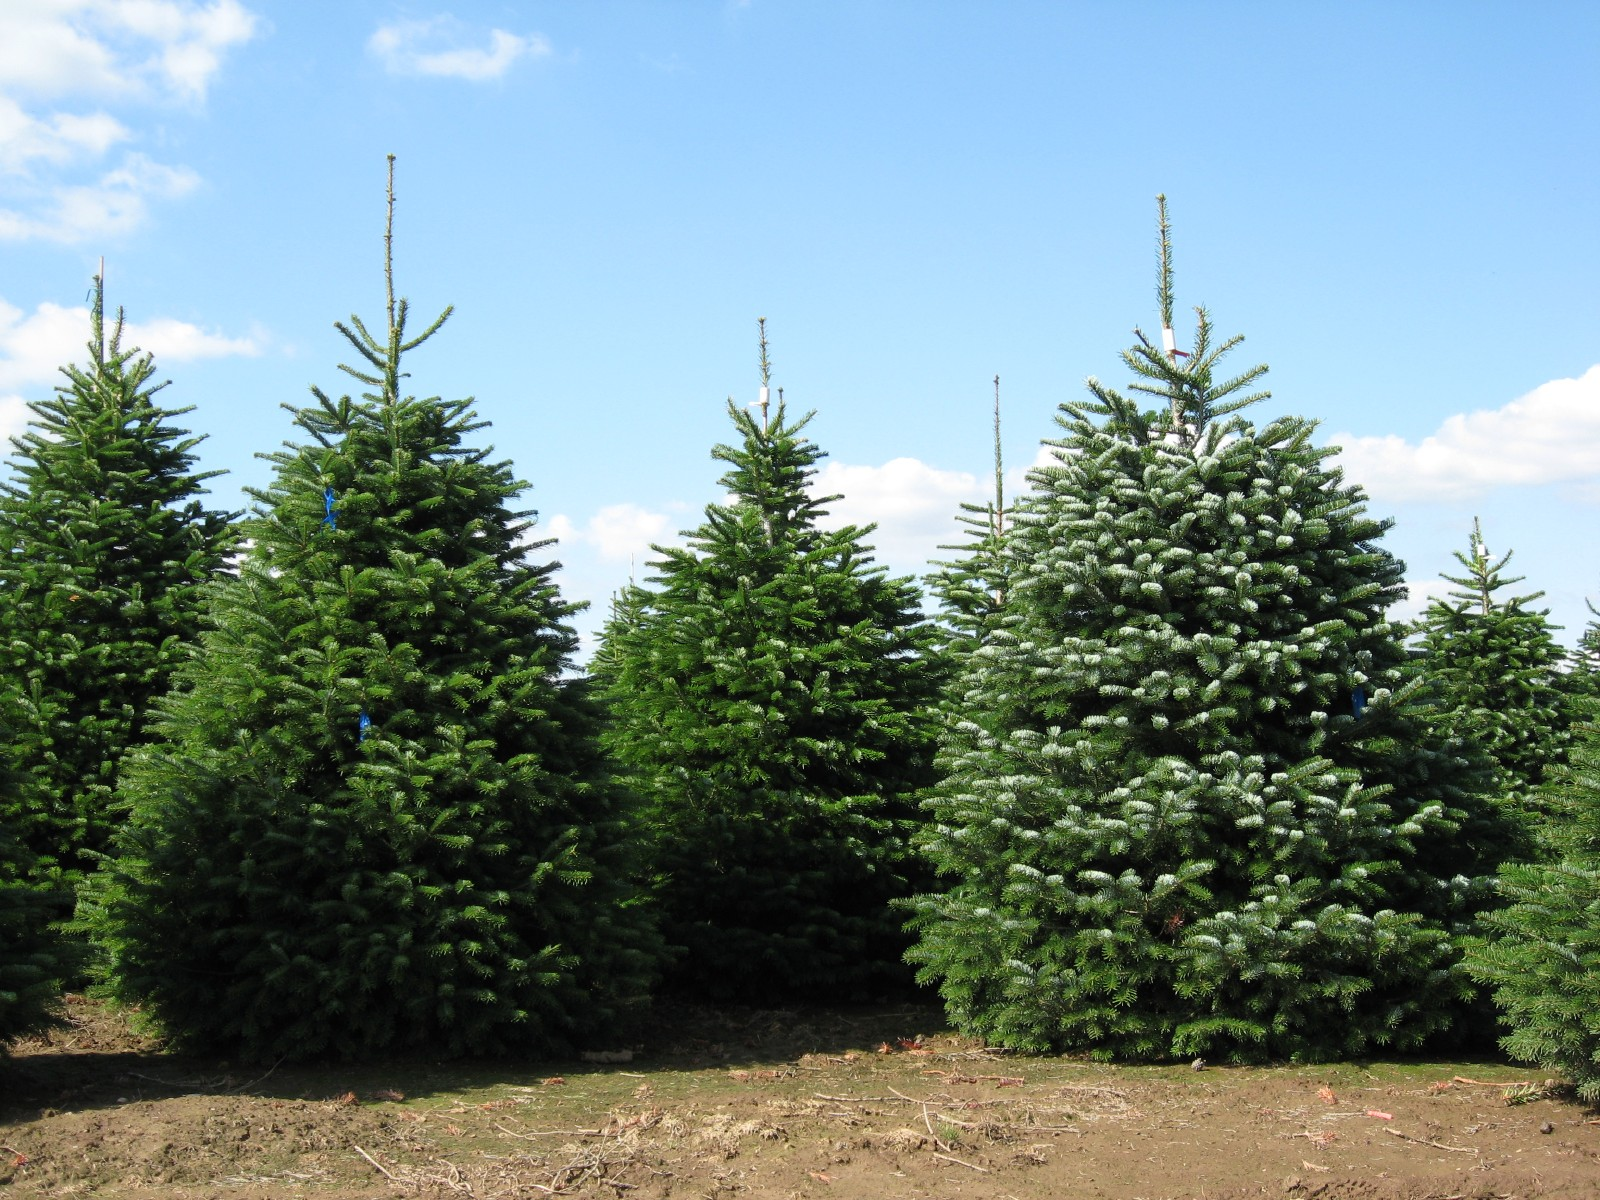 Ель и елка в чем разница, виды и фото деревьев, это одно и тоже